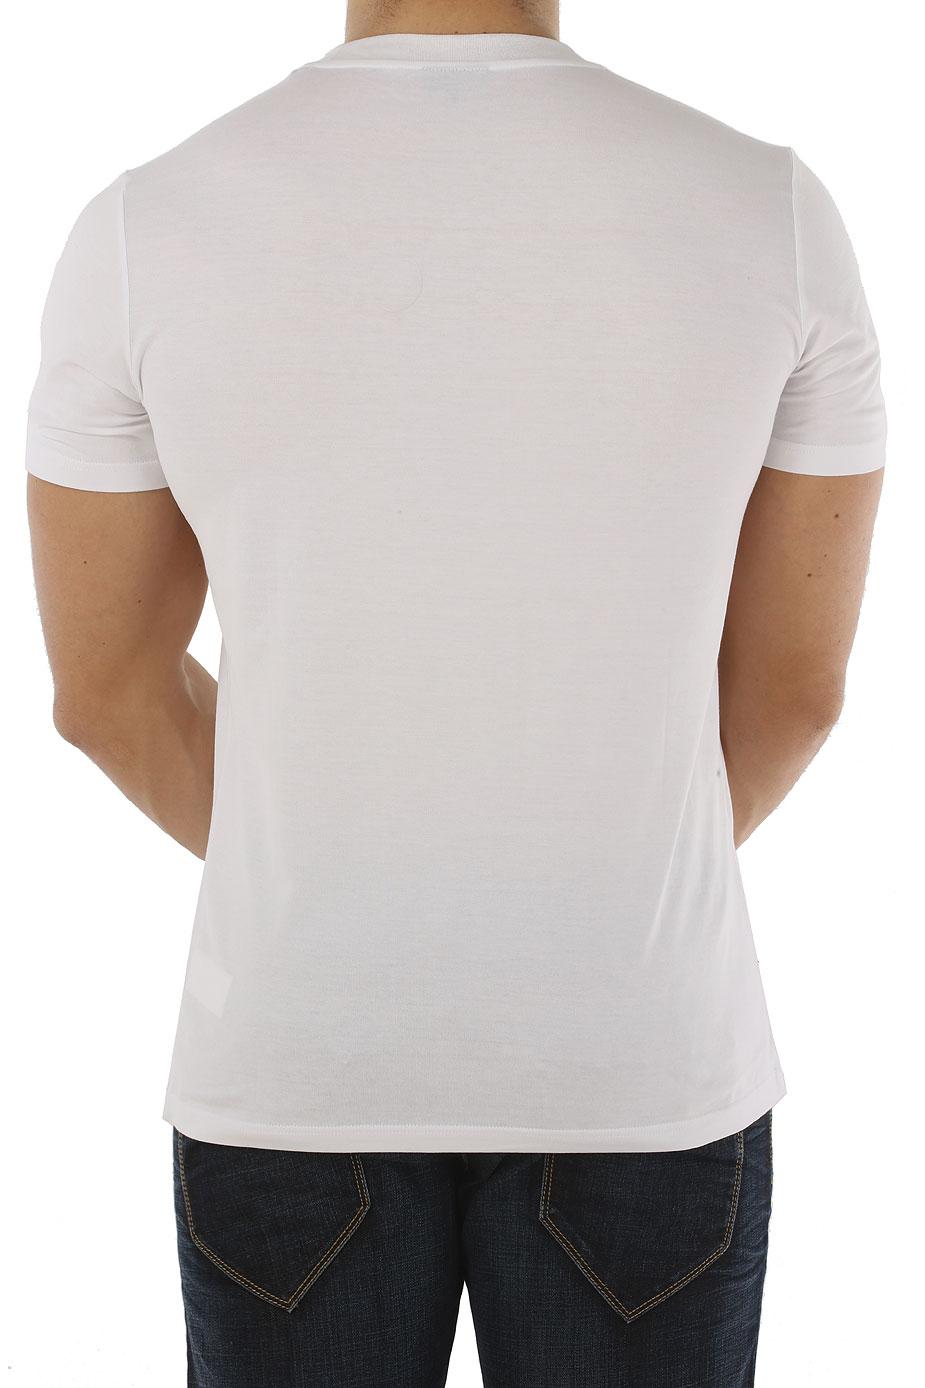 Abbigliamento Uomo Lanvin, Codice Articolo: rmje0042-00-